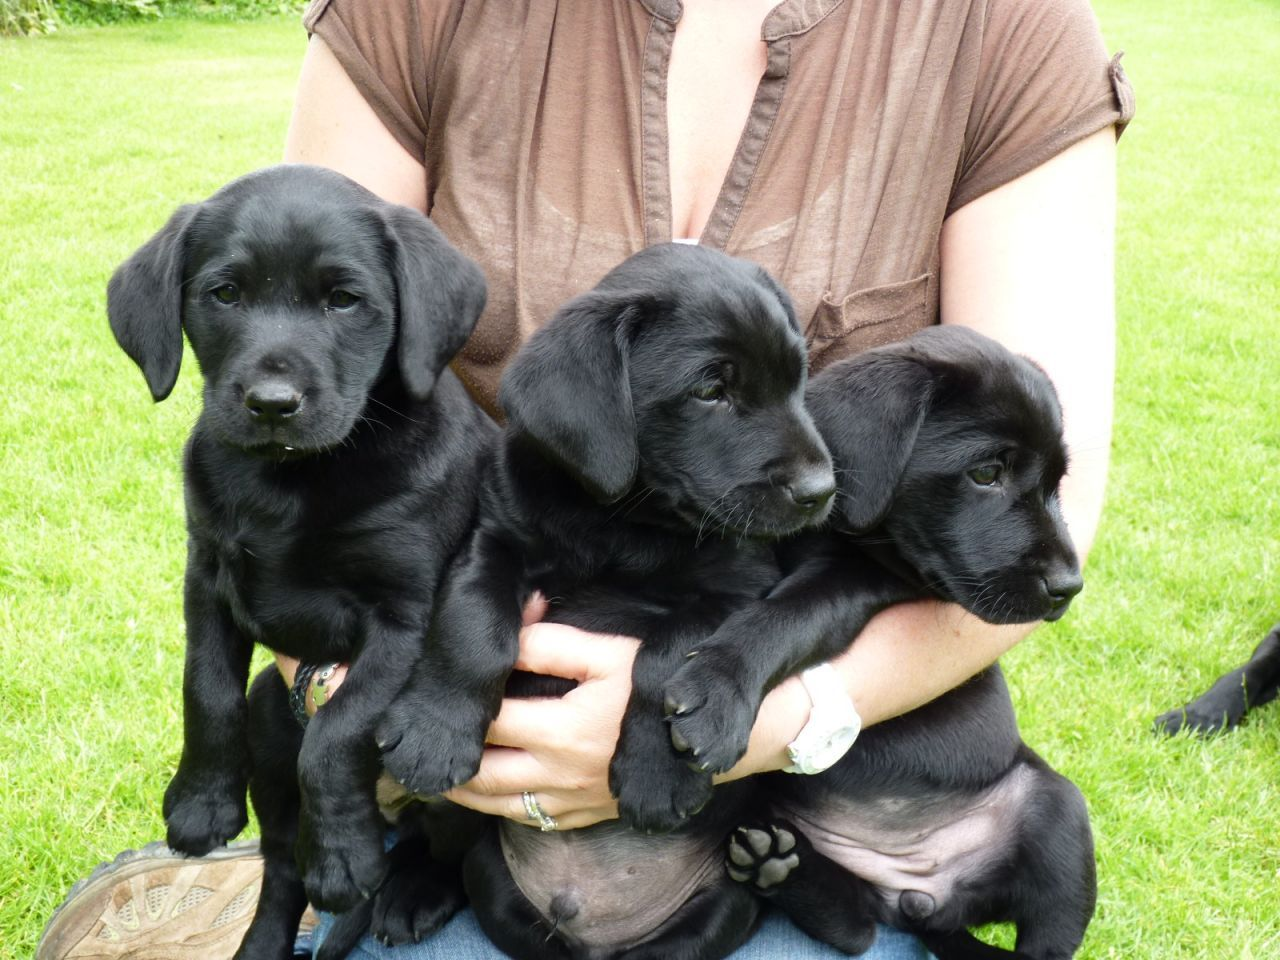 Good Labrador Retriever Black Adorable Dog - 7fdd6e116aa32566f96bd82d79d4bb11  Snapshot_344723  .jpg